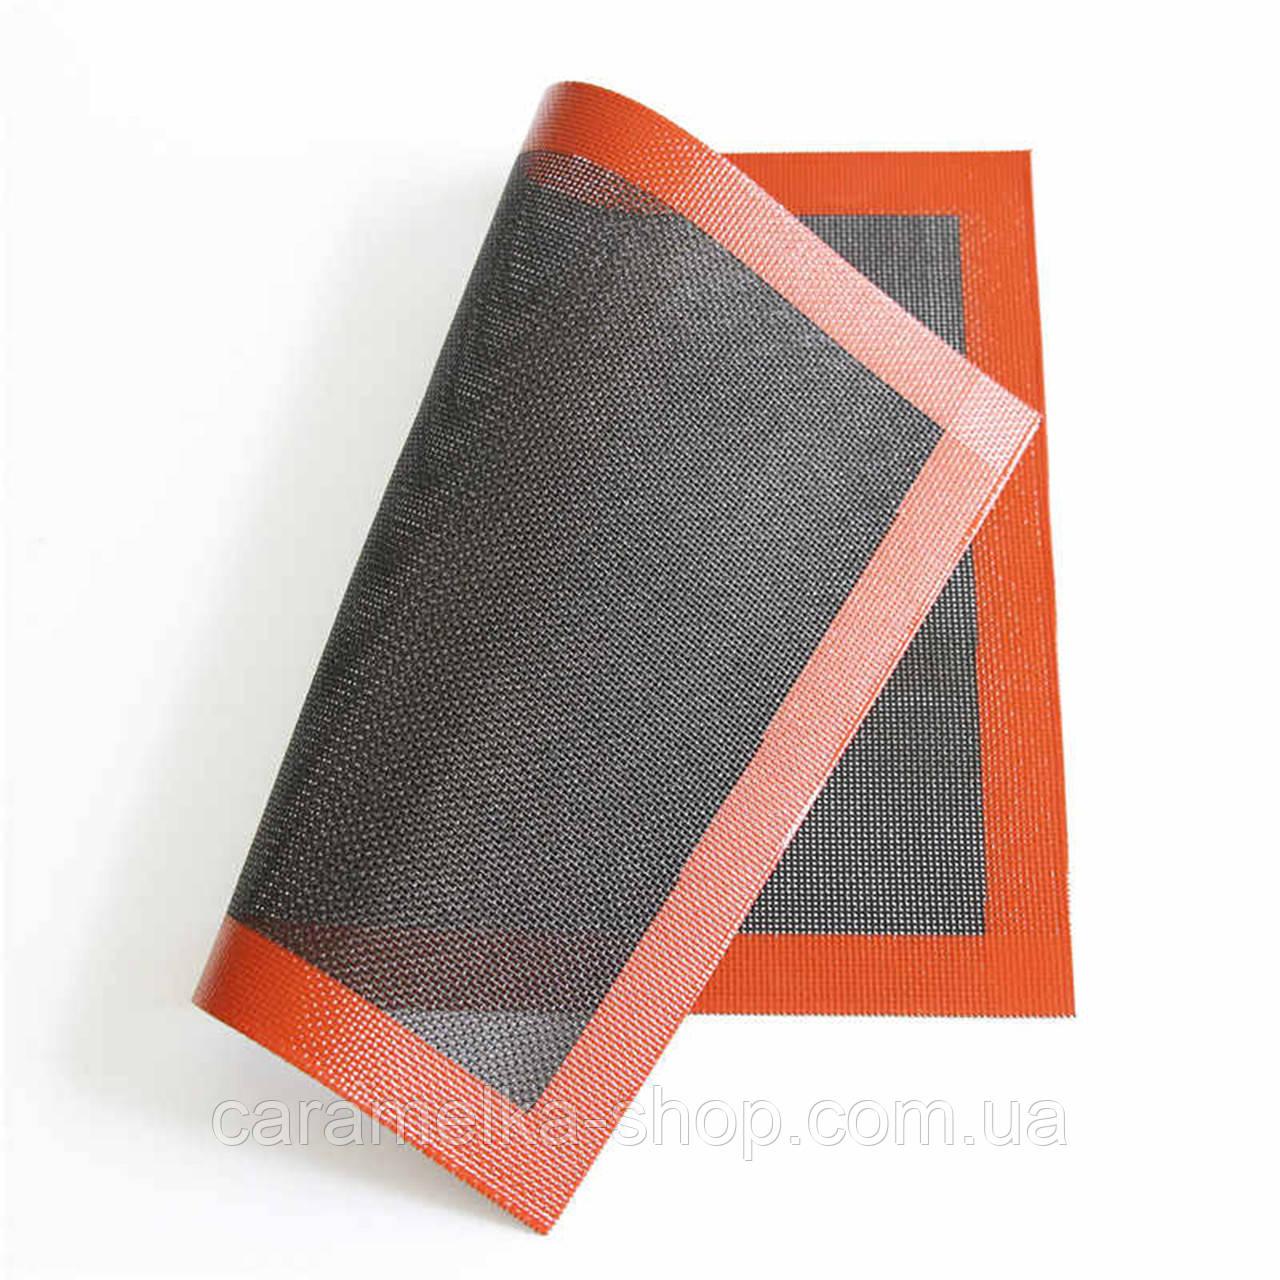 Антипригарний килимок перфорований